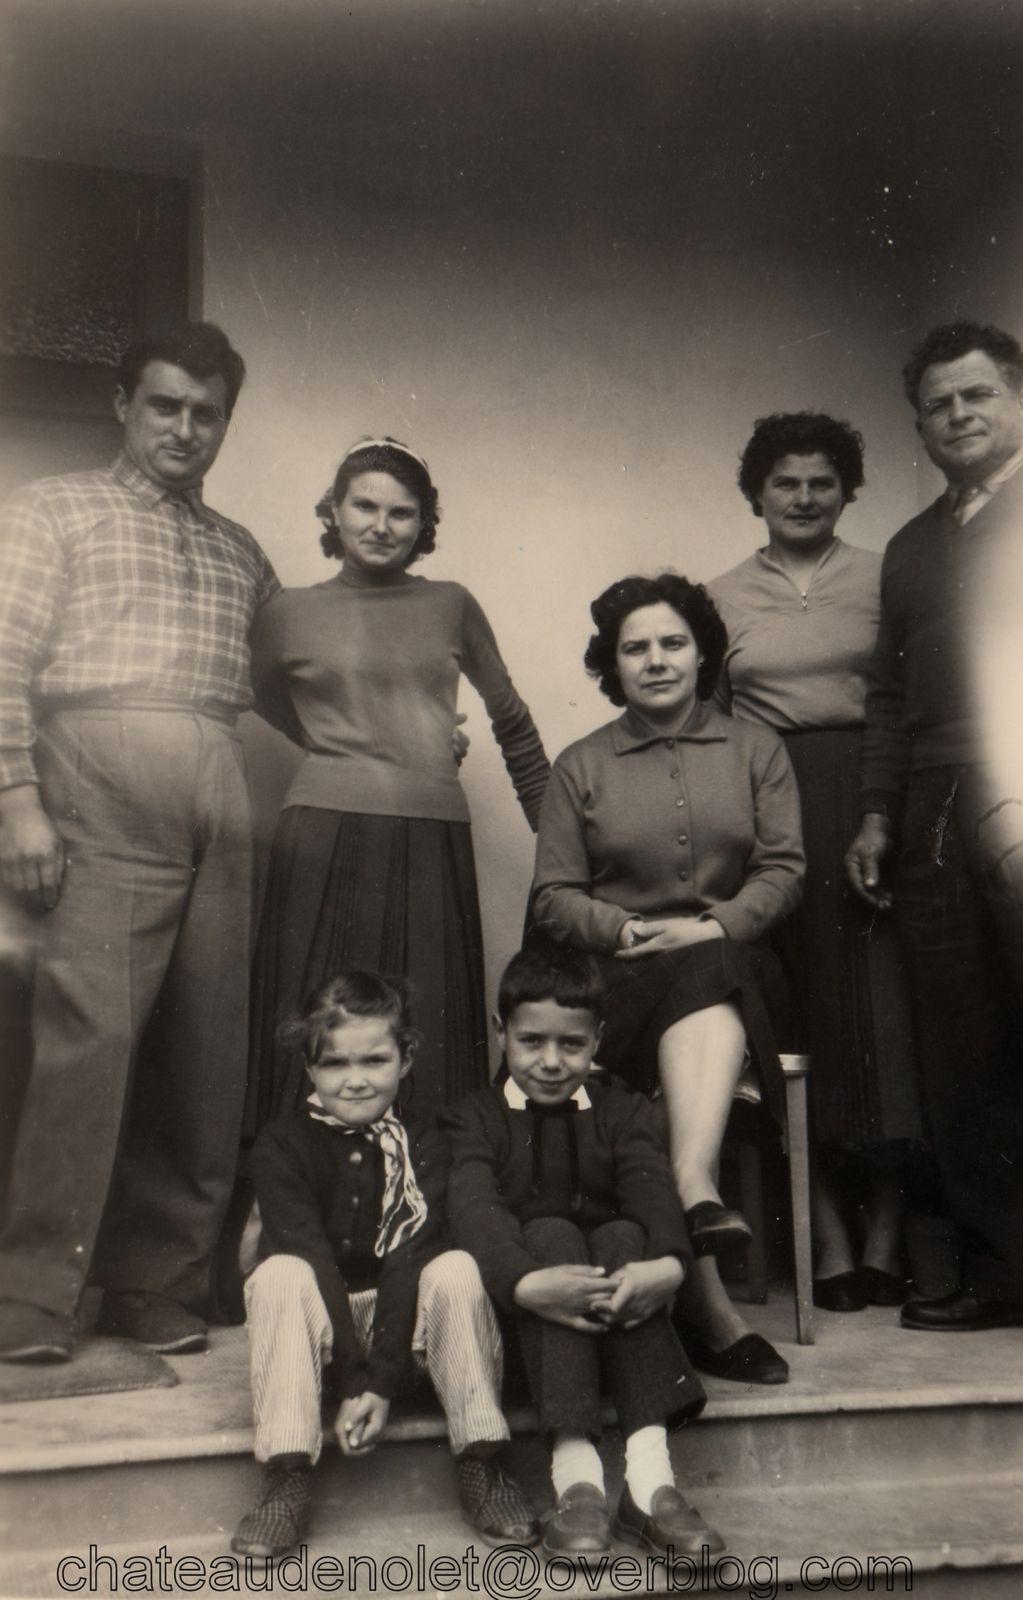 Jean et Mauricette Carol, Danielle leur fille, Sylvain Paolpi et son épouse. Ma mère jacky